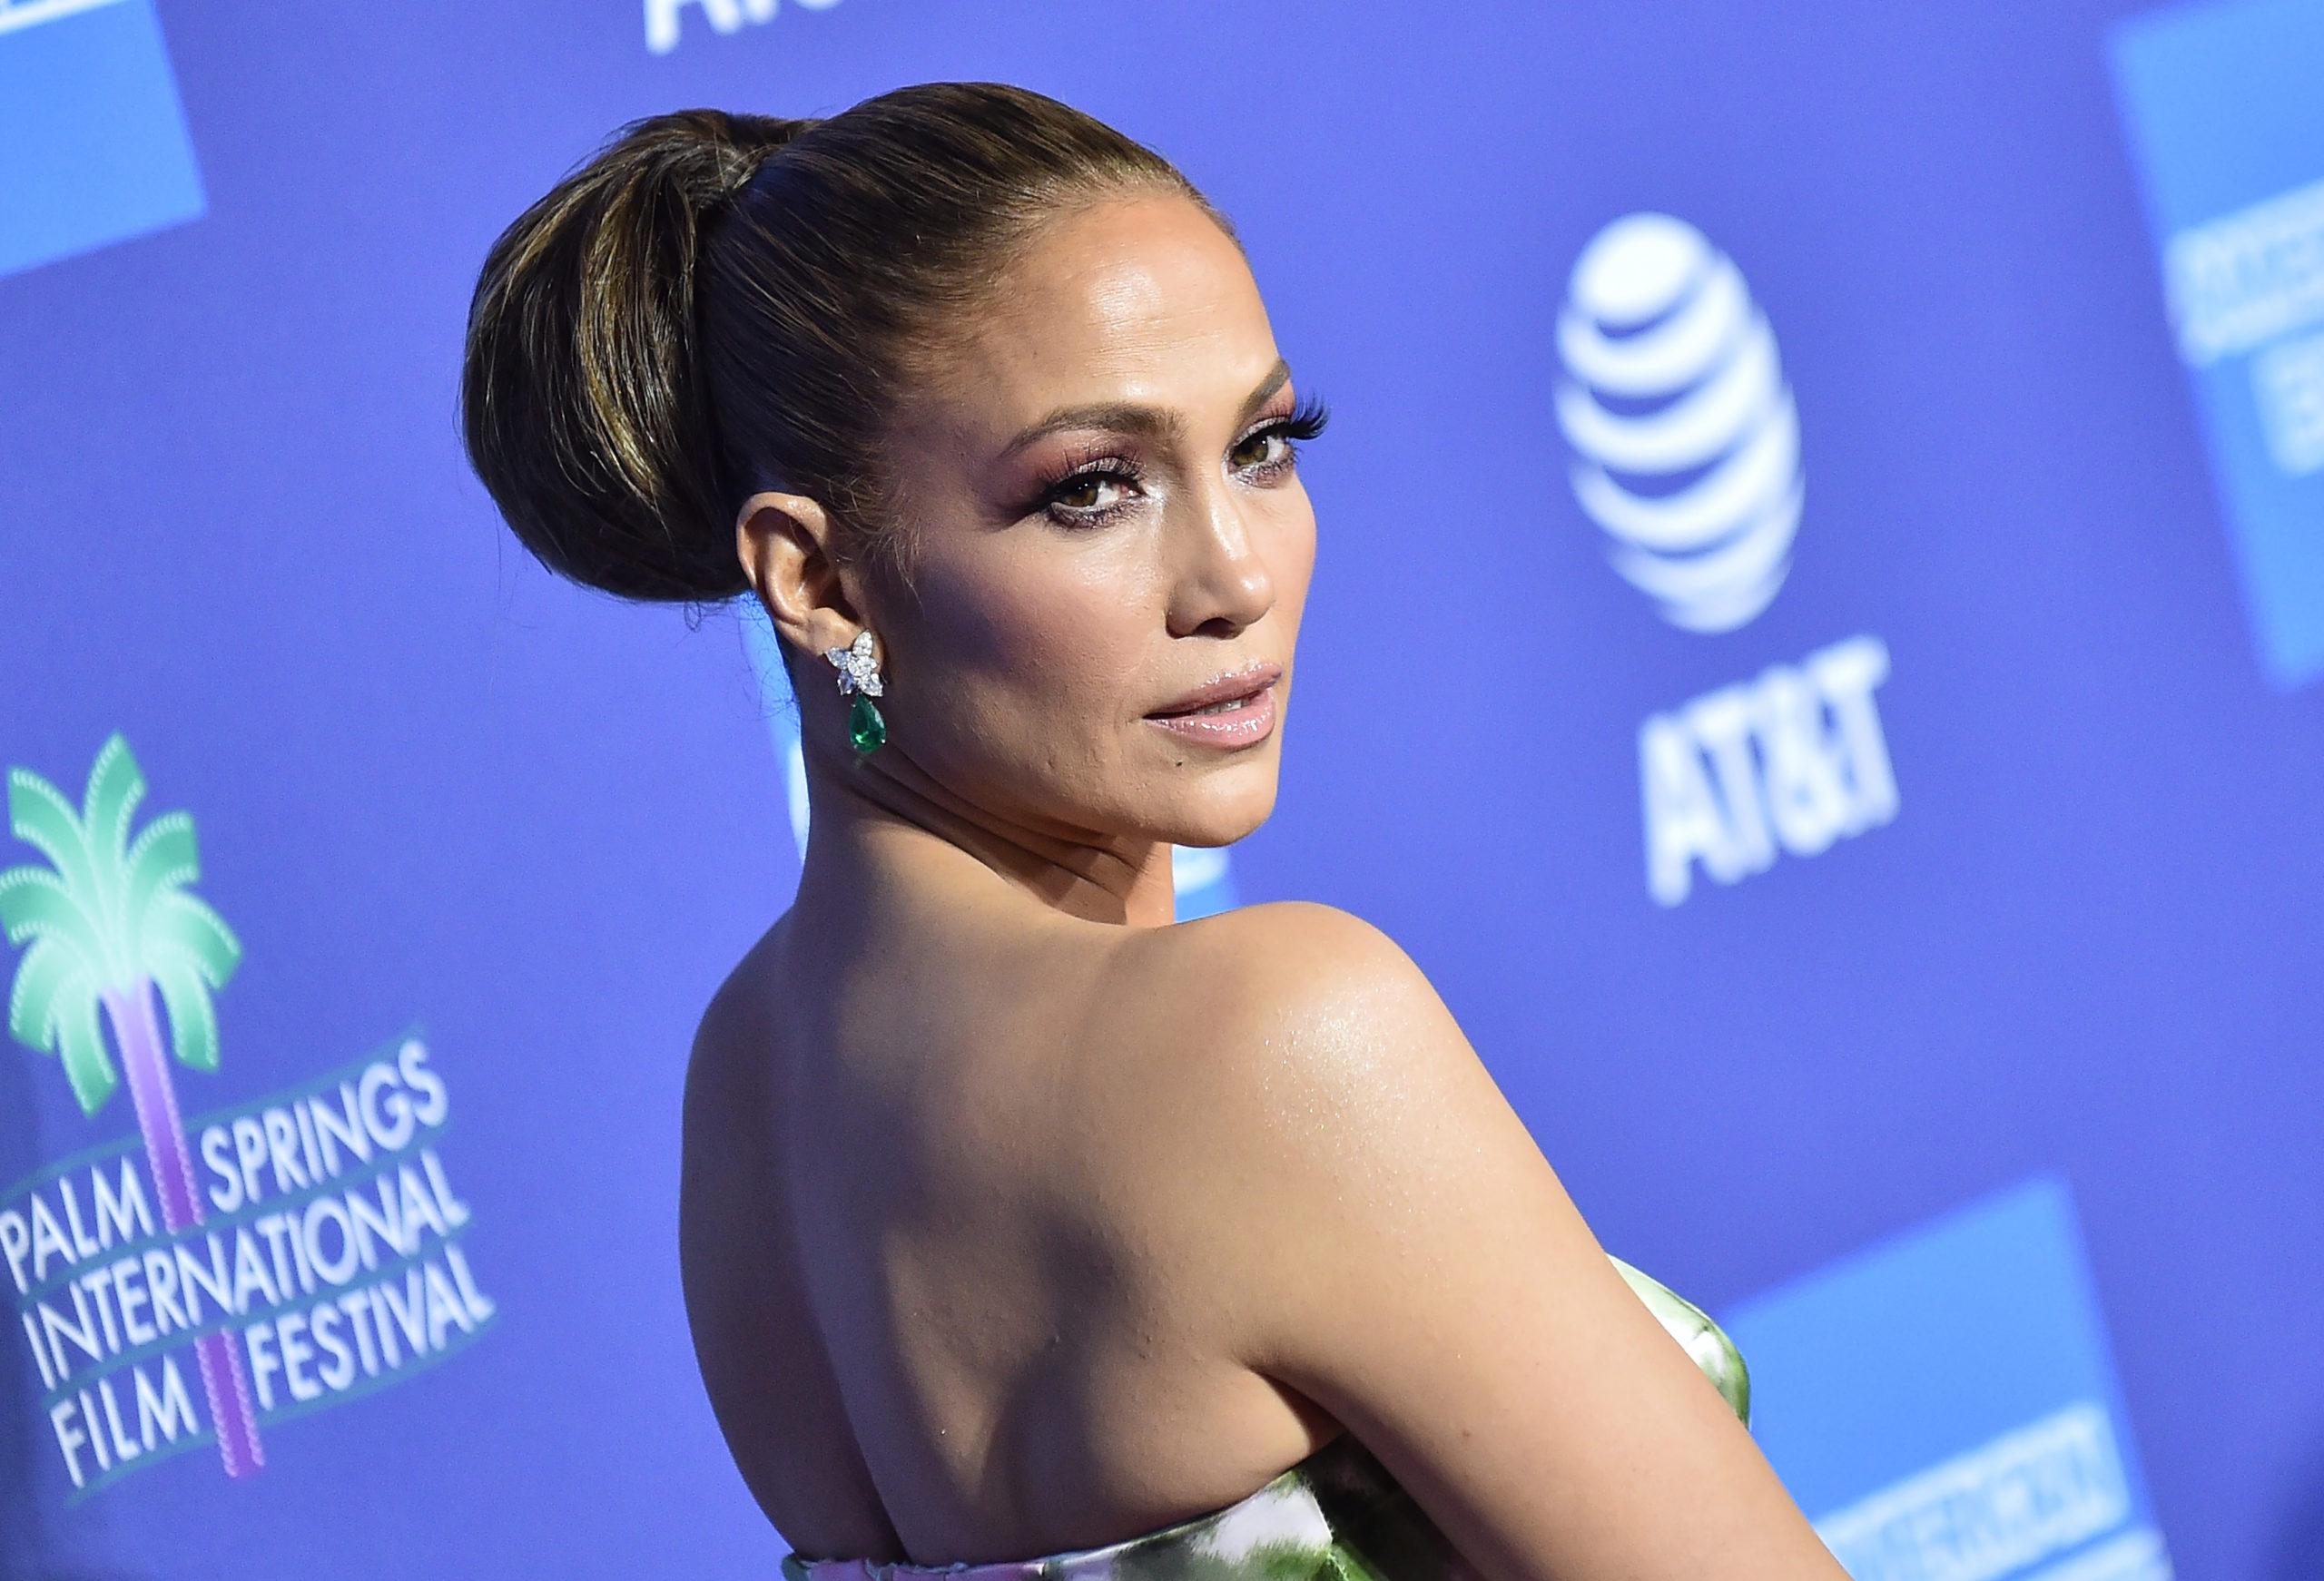 El objetivo de la fundación de Jennifer Lopez: dar apoyo médico a mujeres y niños sin recursos